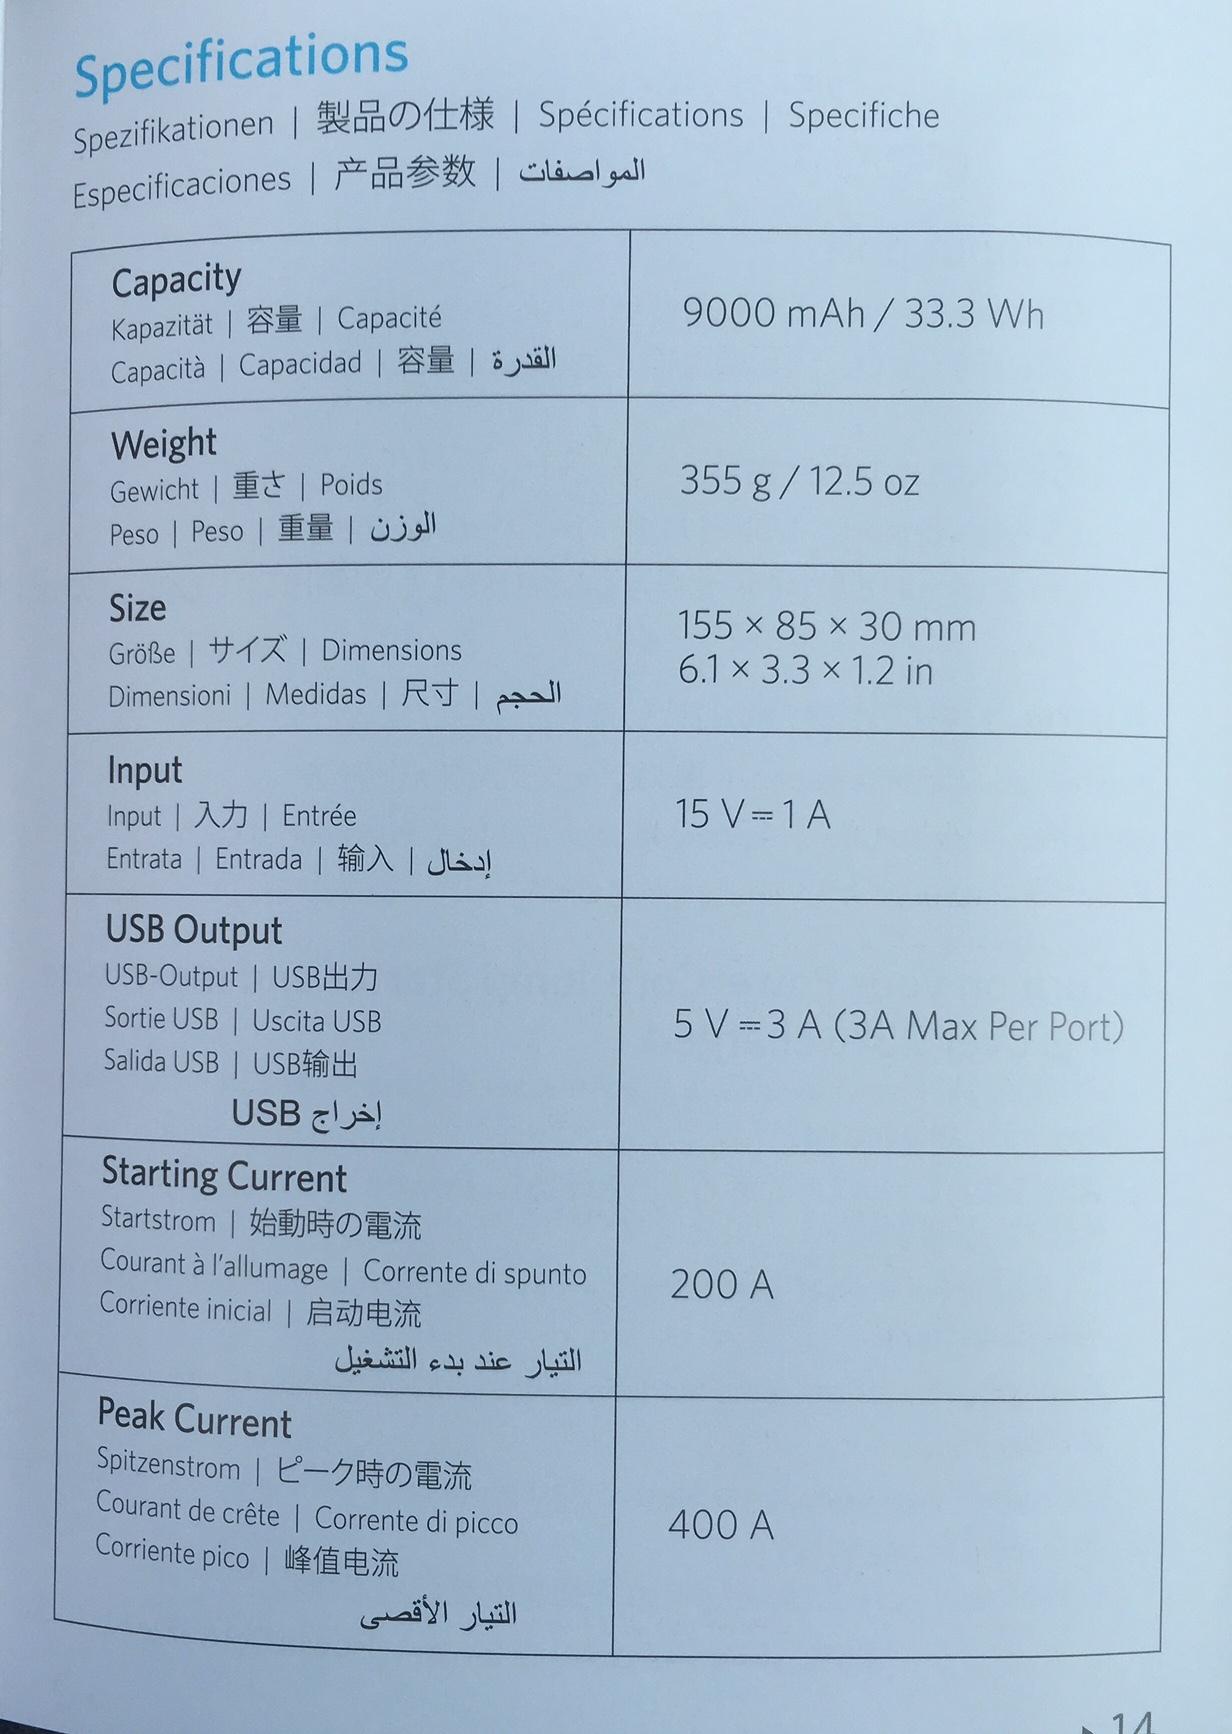 Großartig 10 2 Drahtampere Kapazität Fotos - Elektrische Schaltplan ...